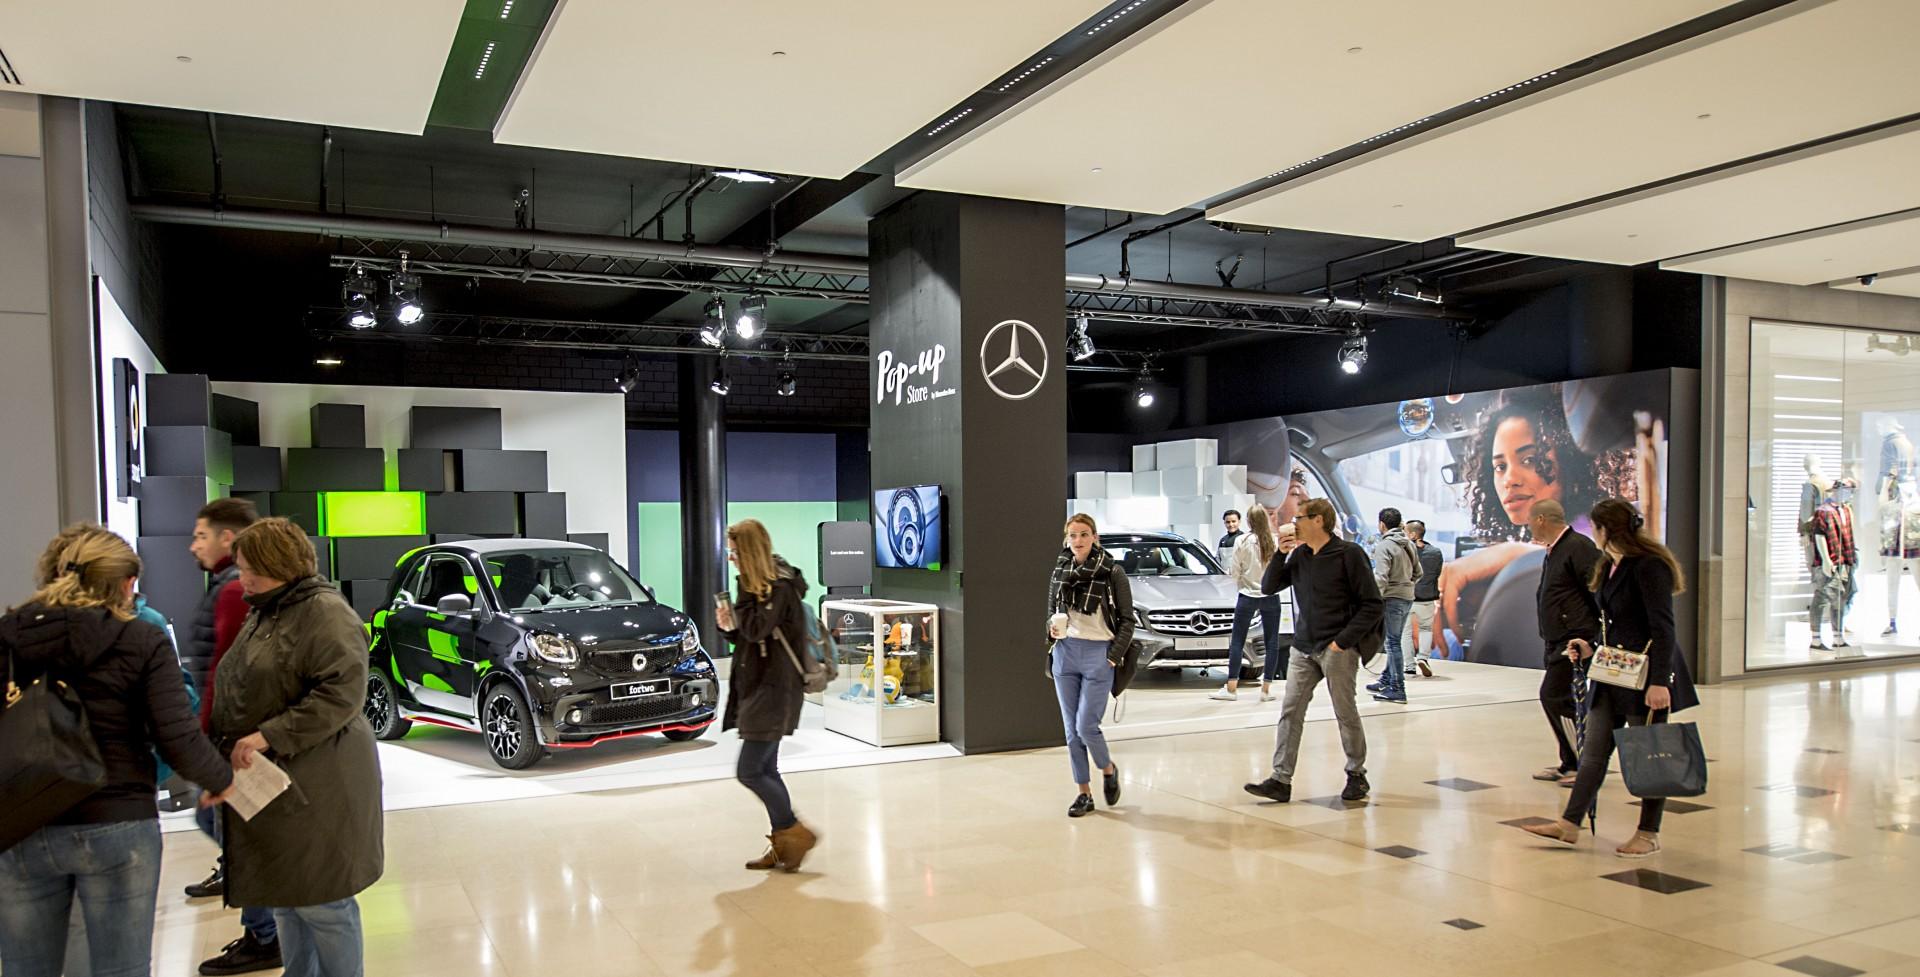 Mercedes pop up Hoog Catharijne